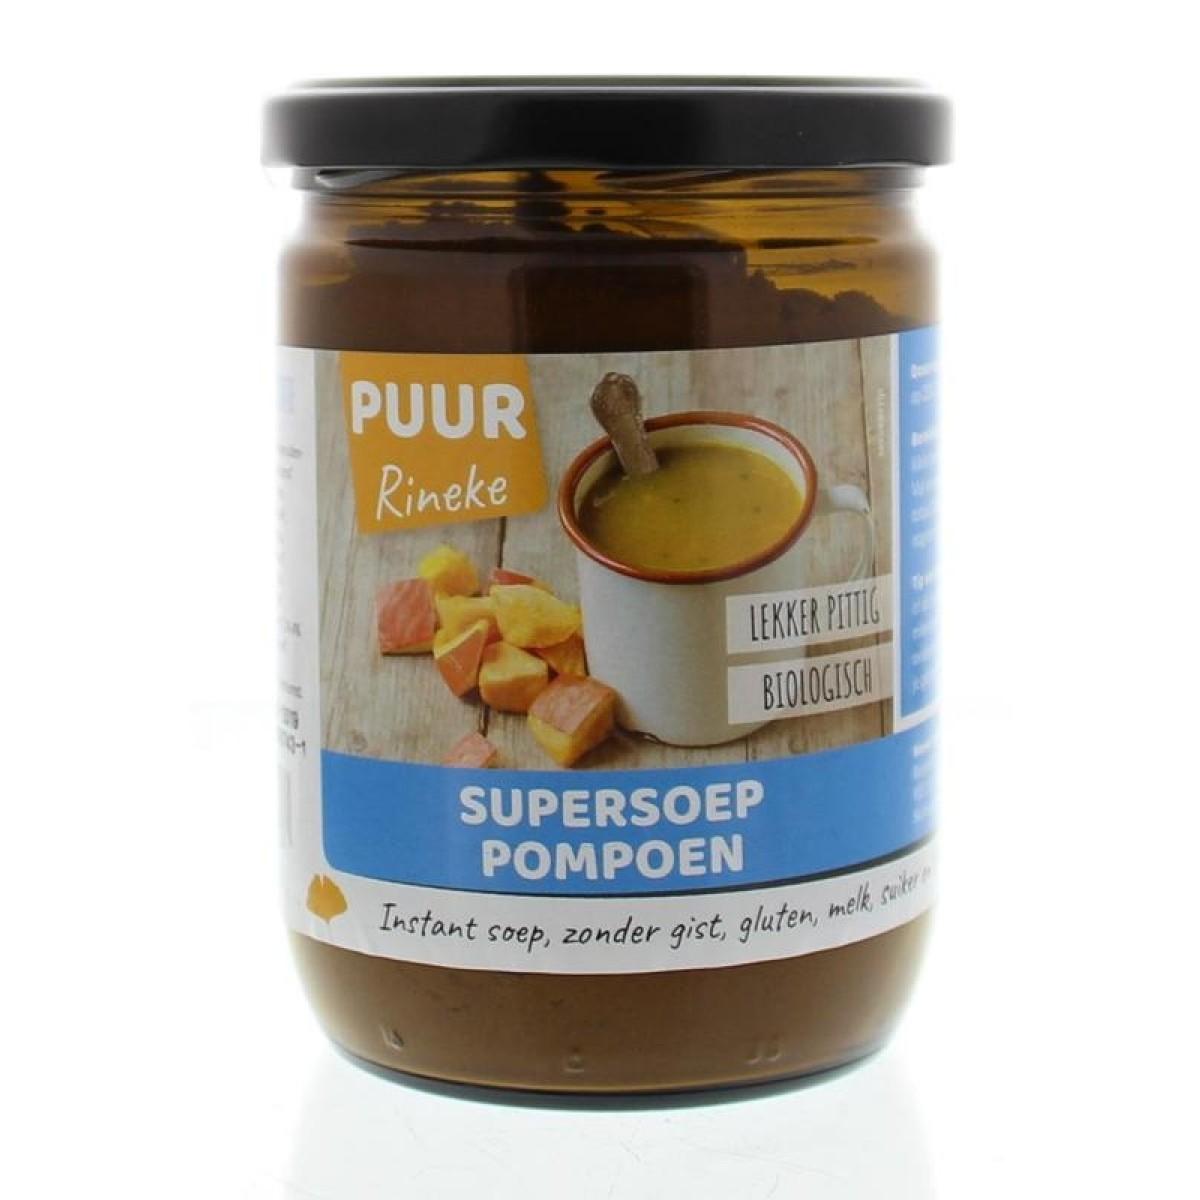 Super Soep Pompoen